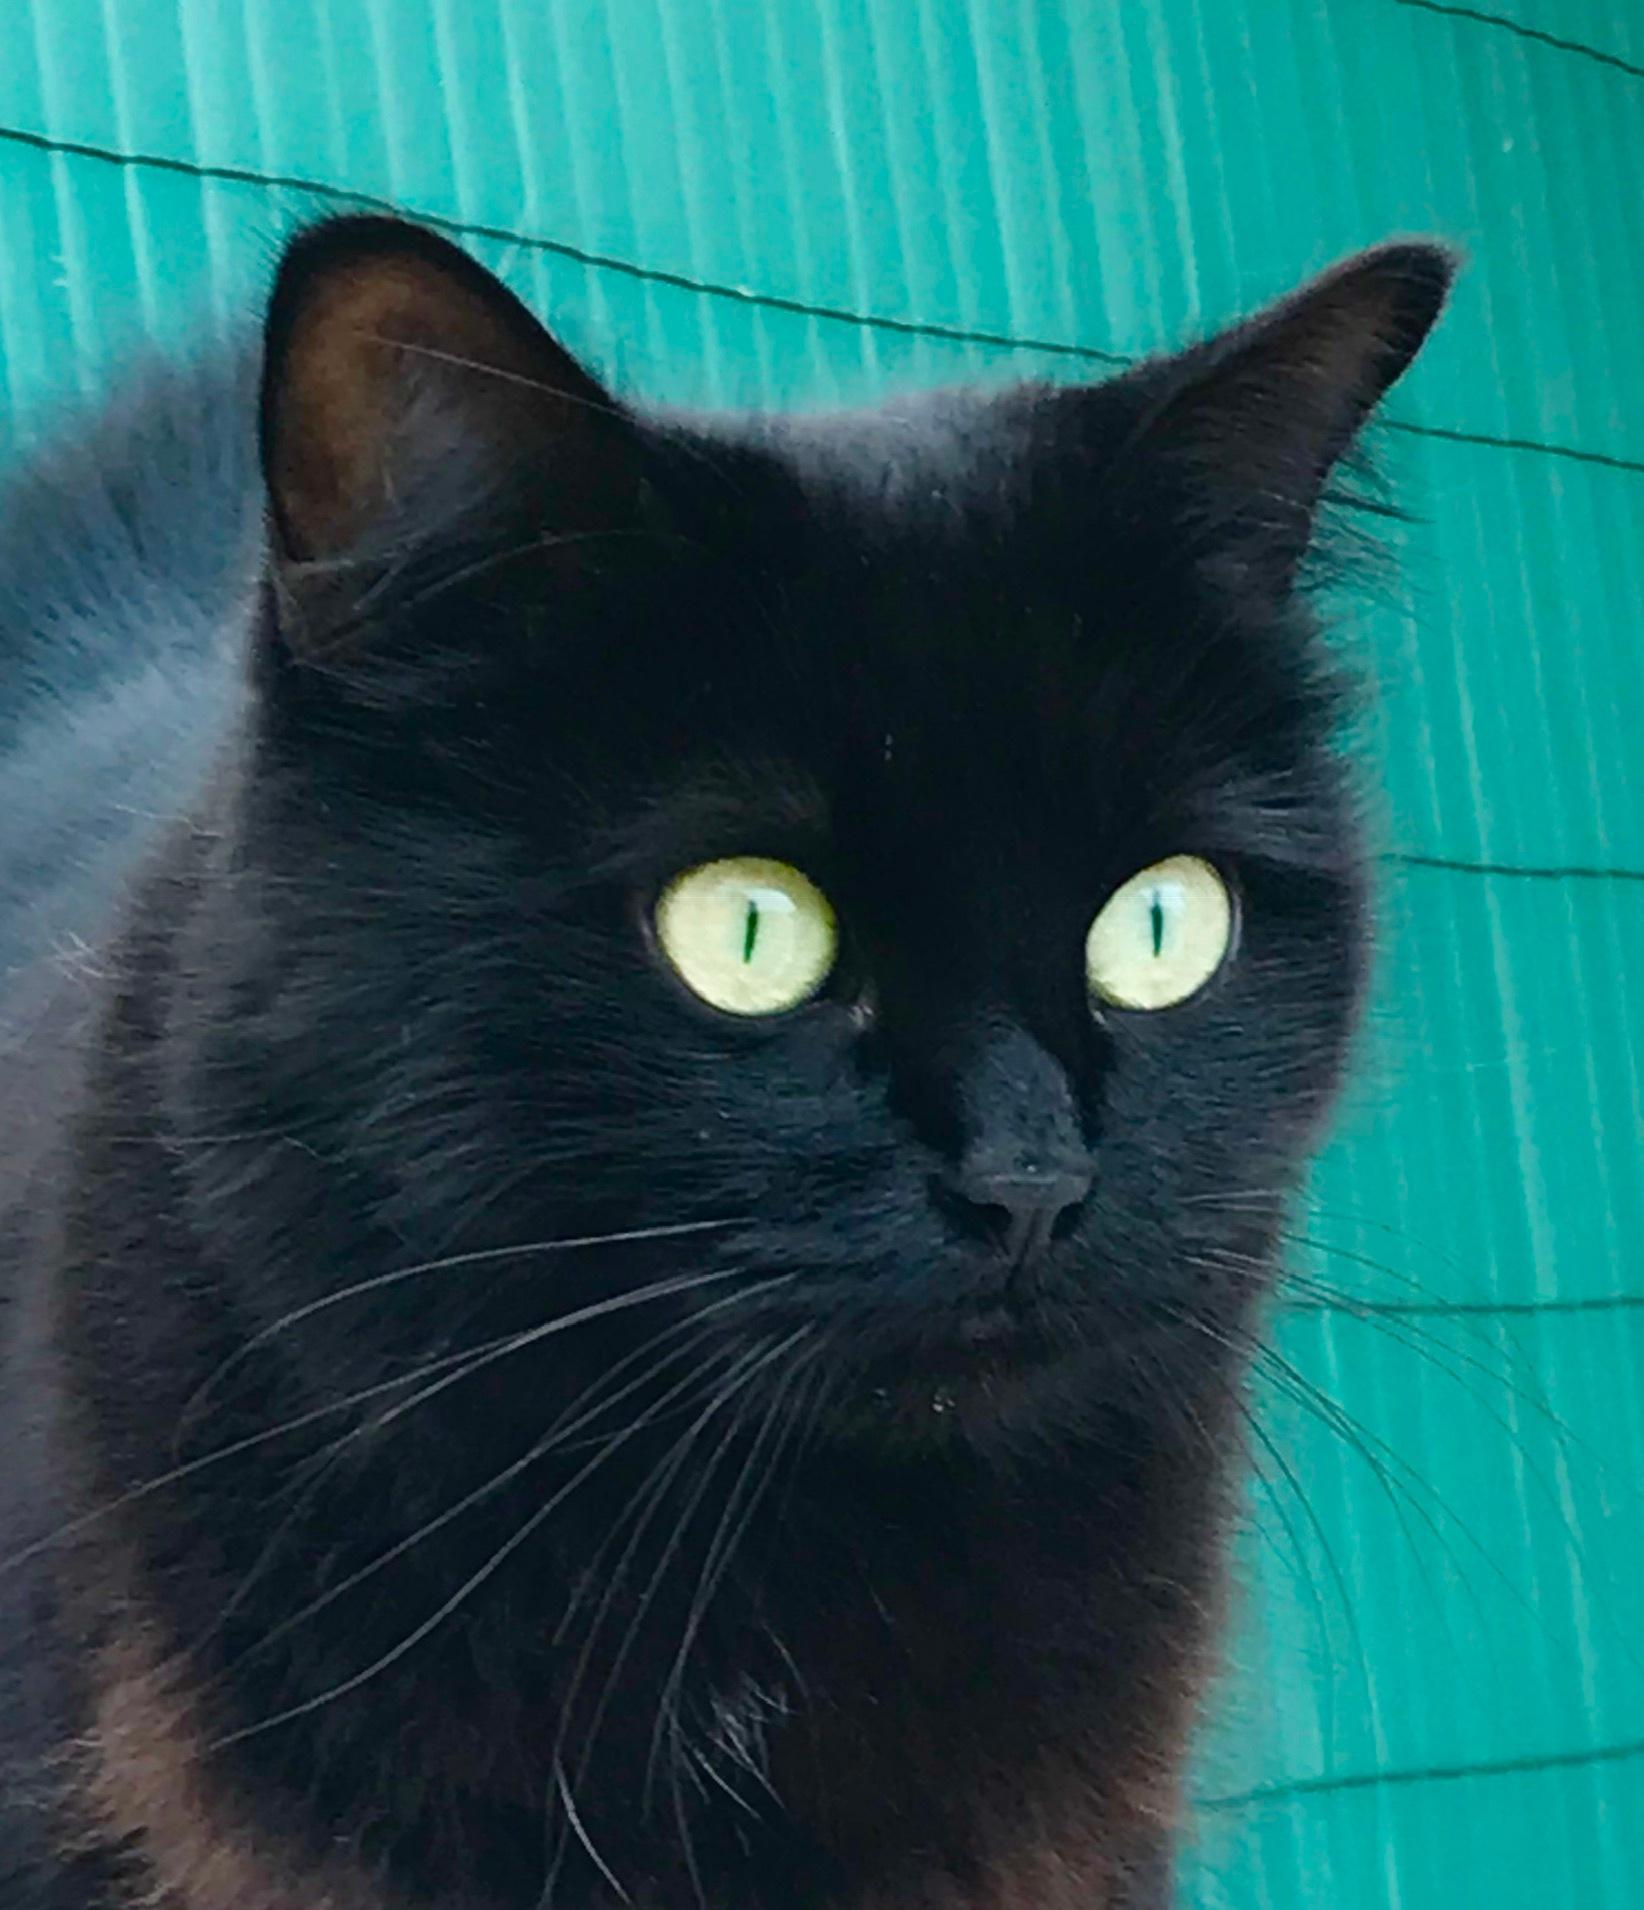 Neighbor's cat saw a dog by Pilvi Pouta-Manninen